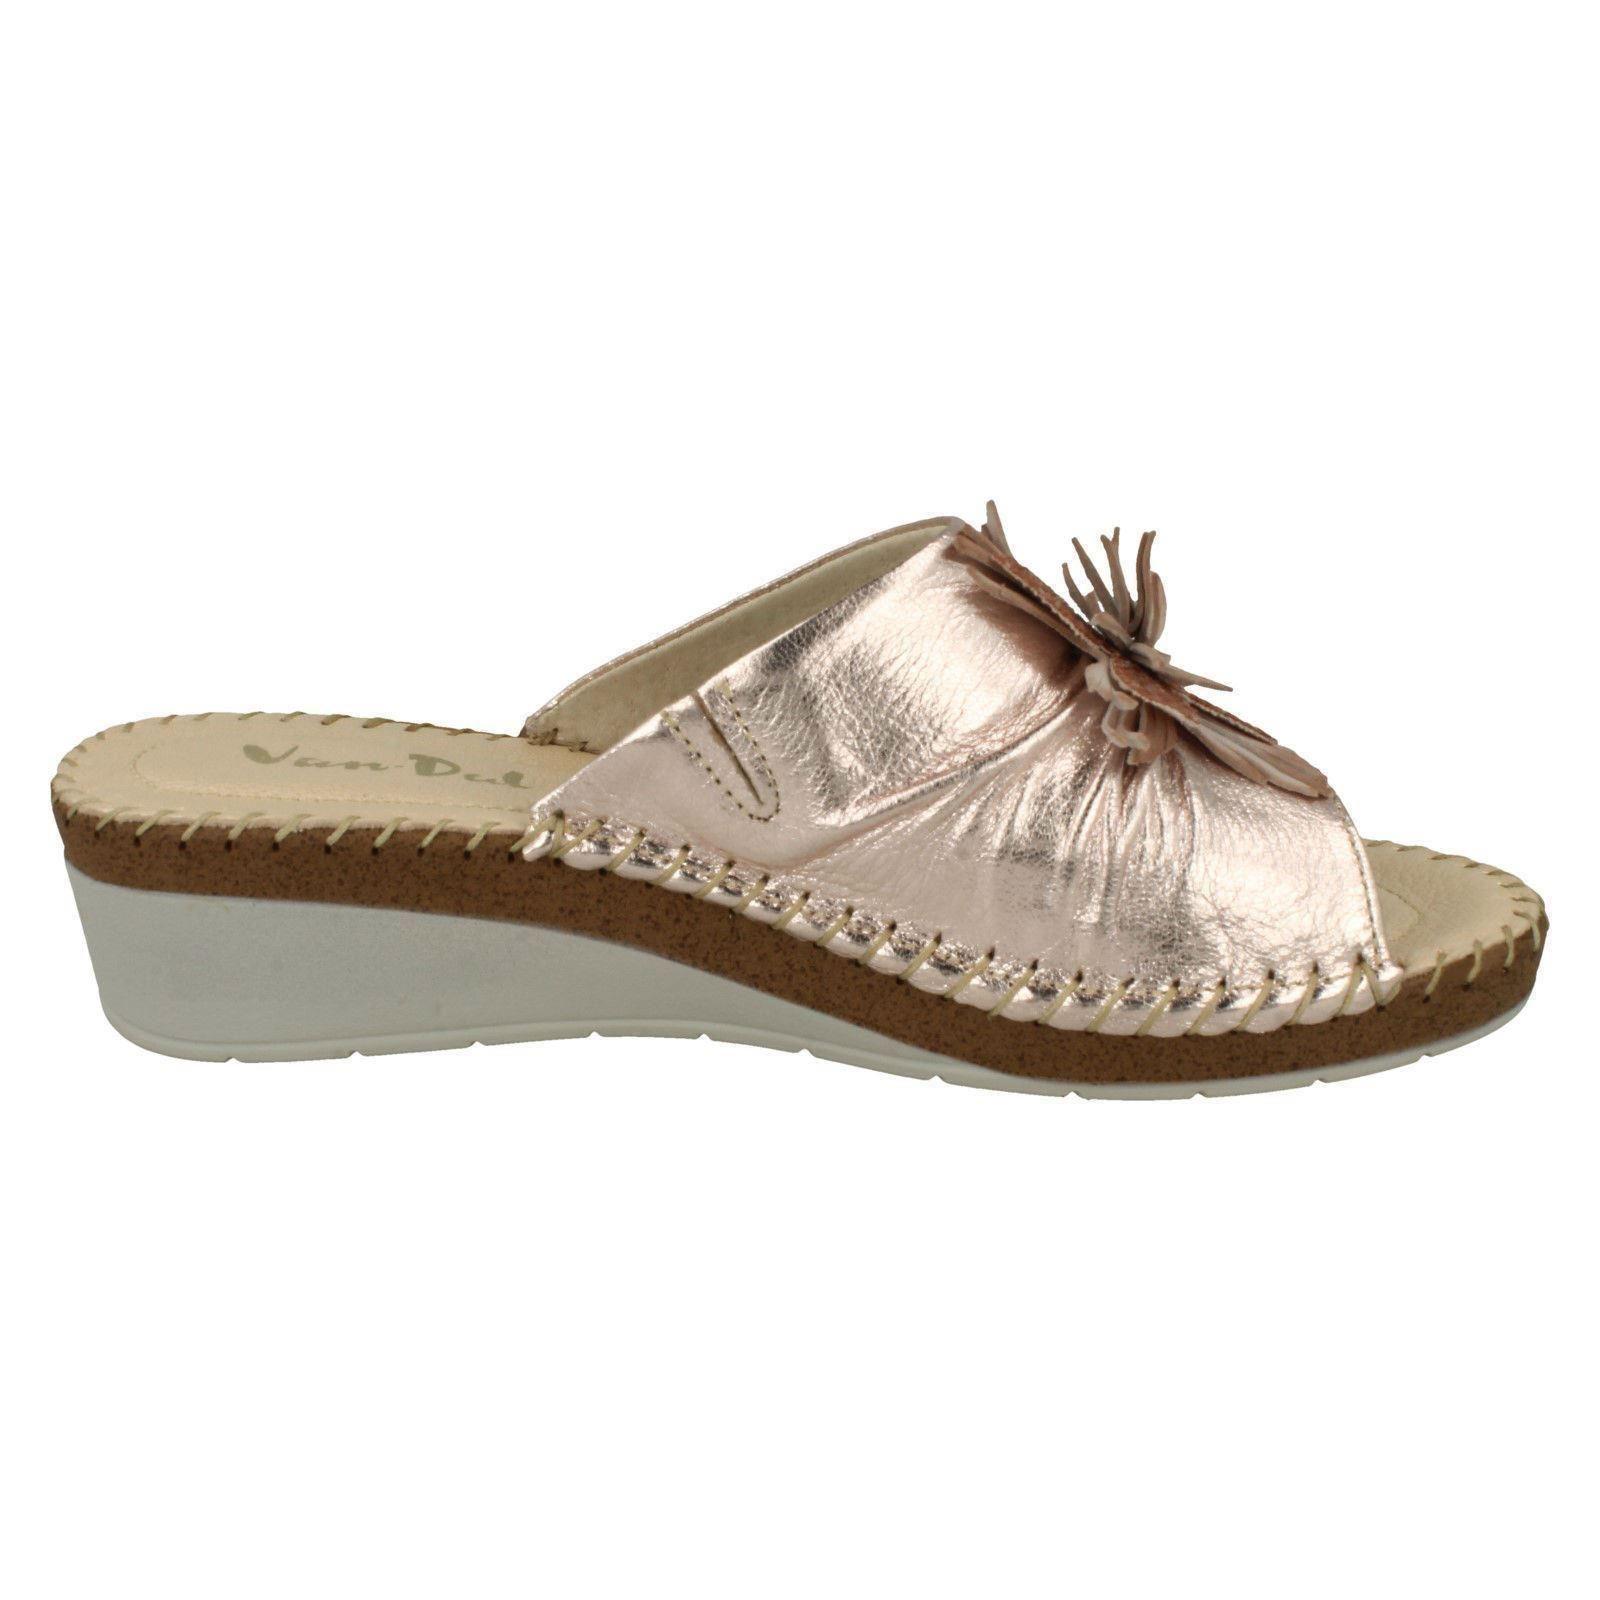 Ladies-Van-Dal-Wedge-Heel-Mule-Sandals-039-Banks-039 thumbnail 4